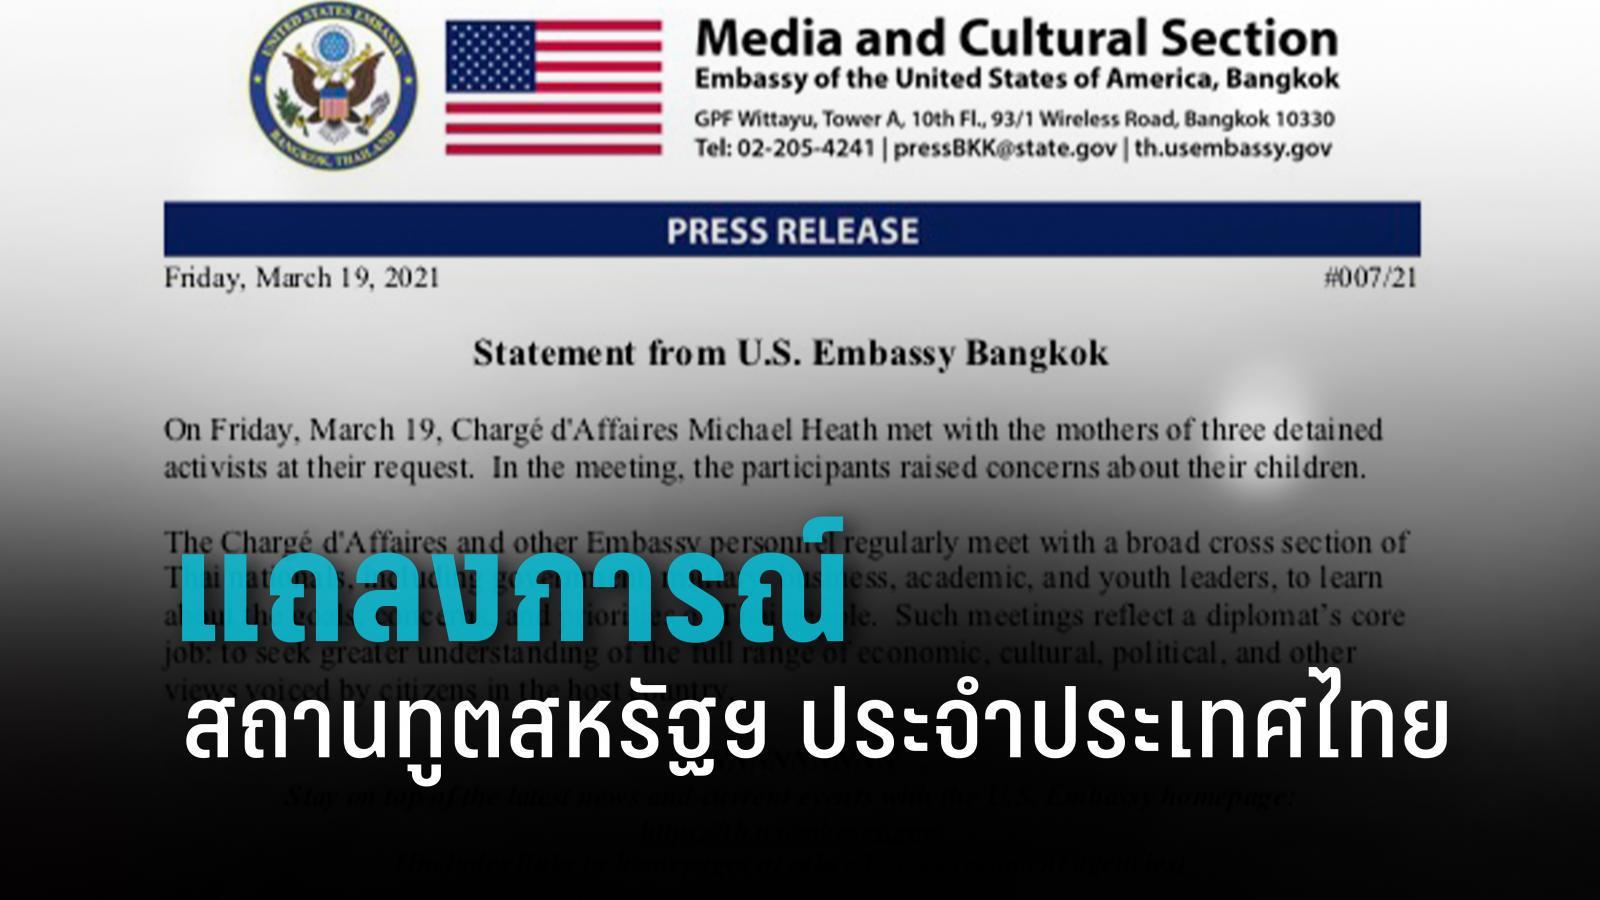 สถานเอกอัครราชทูตสหรัฐอเมริกาประจำประเทศไทย ออกแถลงการณ์ ต่อกรณี แม่ 3 แกนนำม็อบเข้าพบ